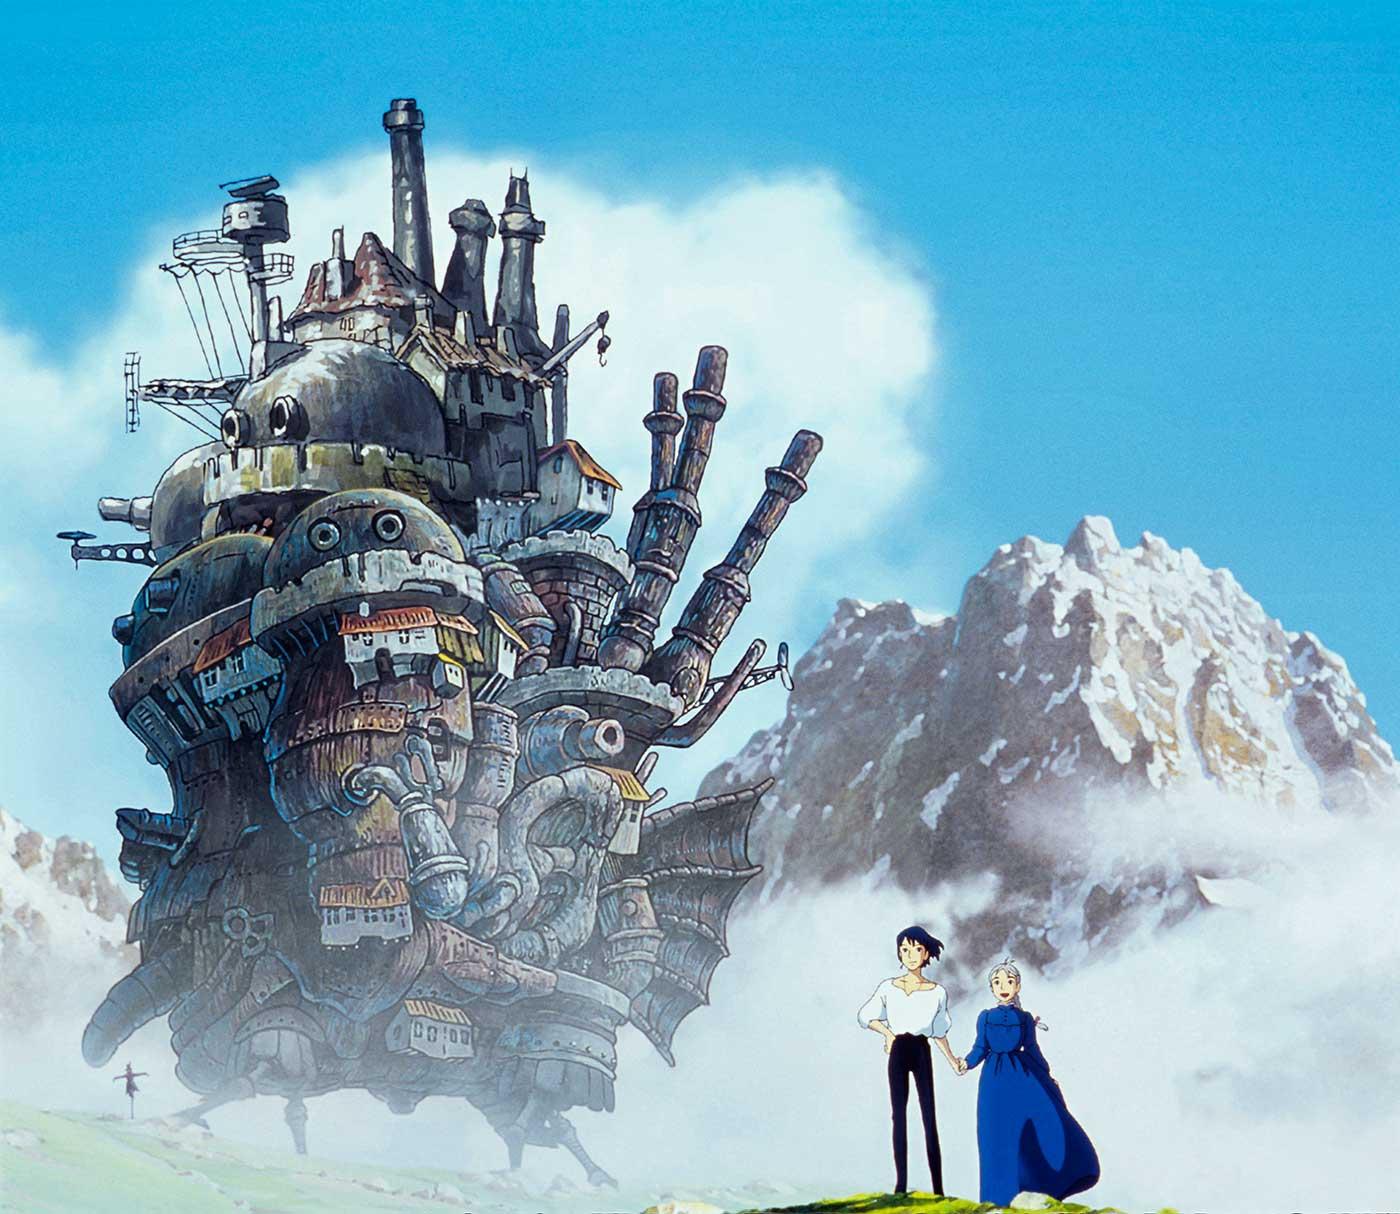 El castillo ambulante, 2004. Studio Ghiblin